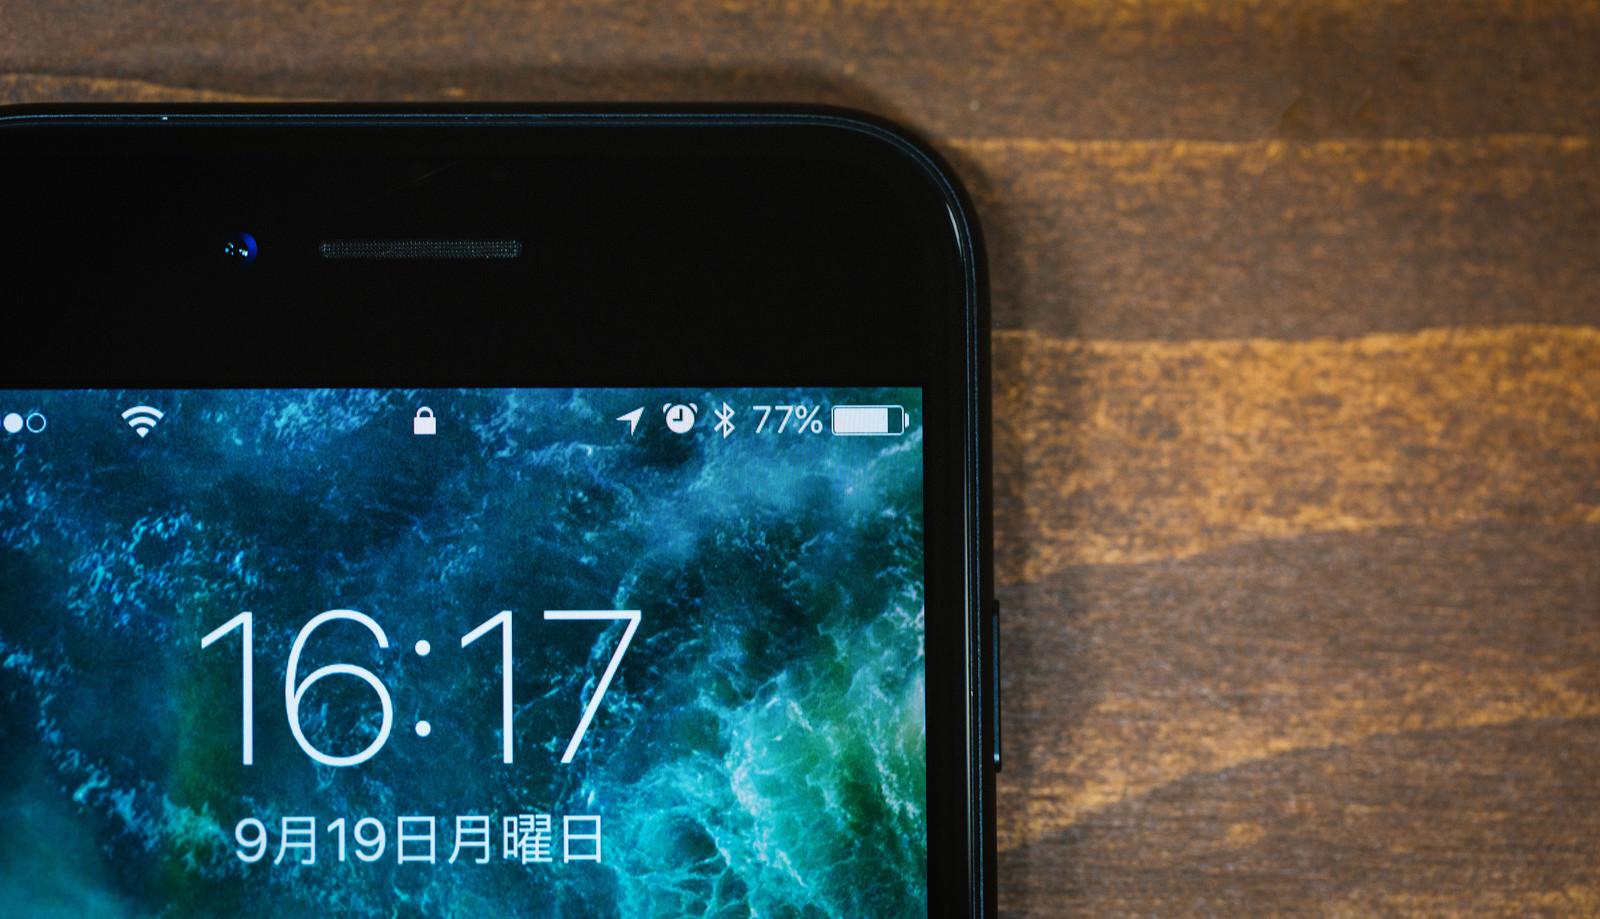 「スマートフォンのバッテリー残量77%」の写真